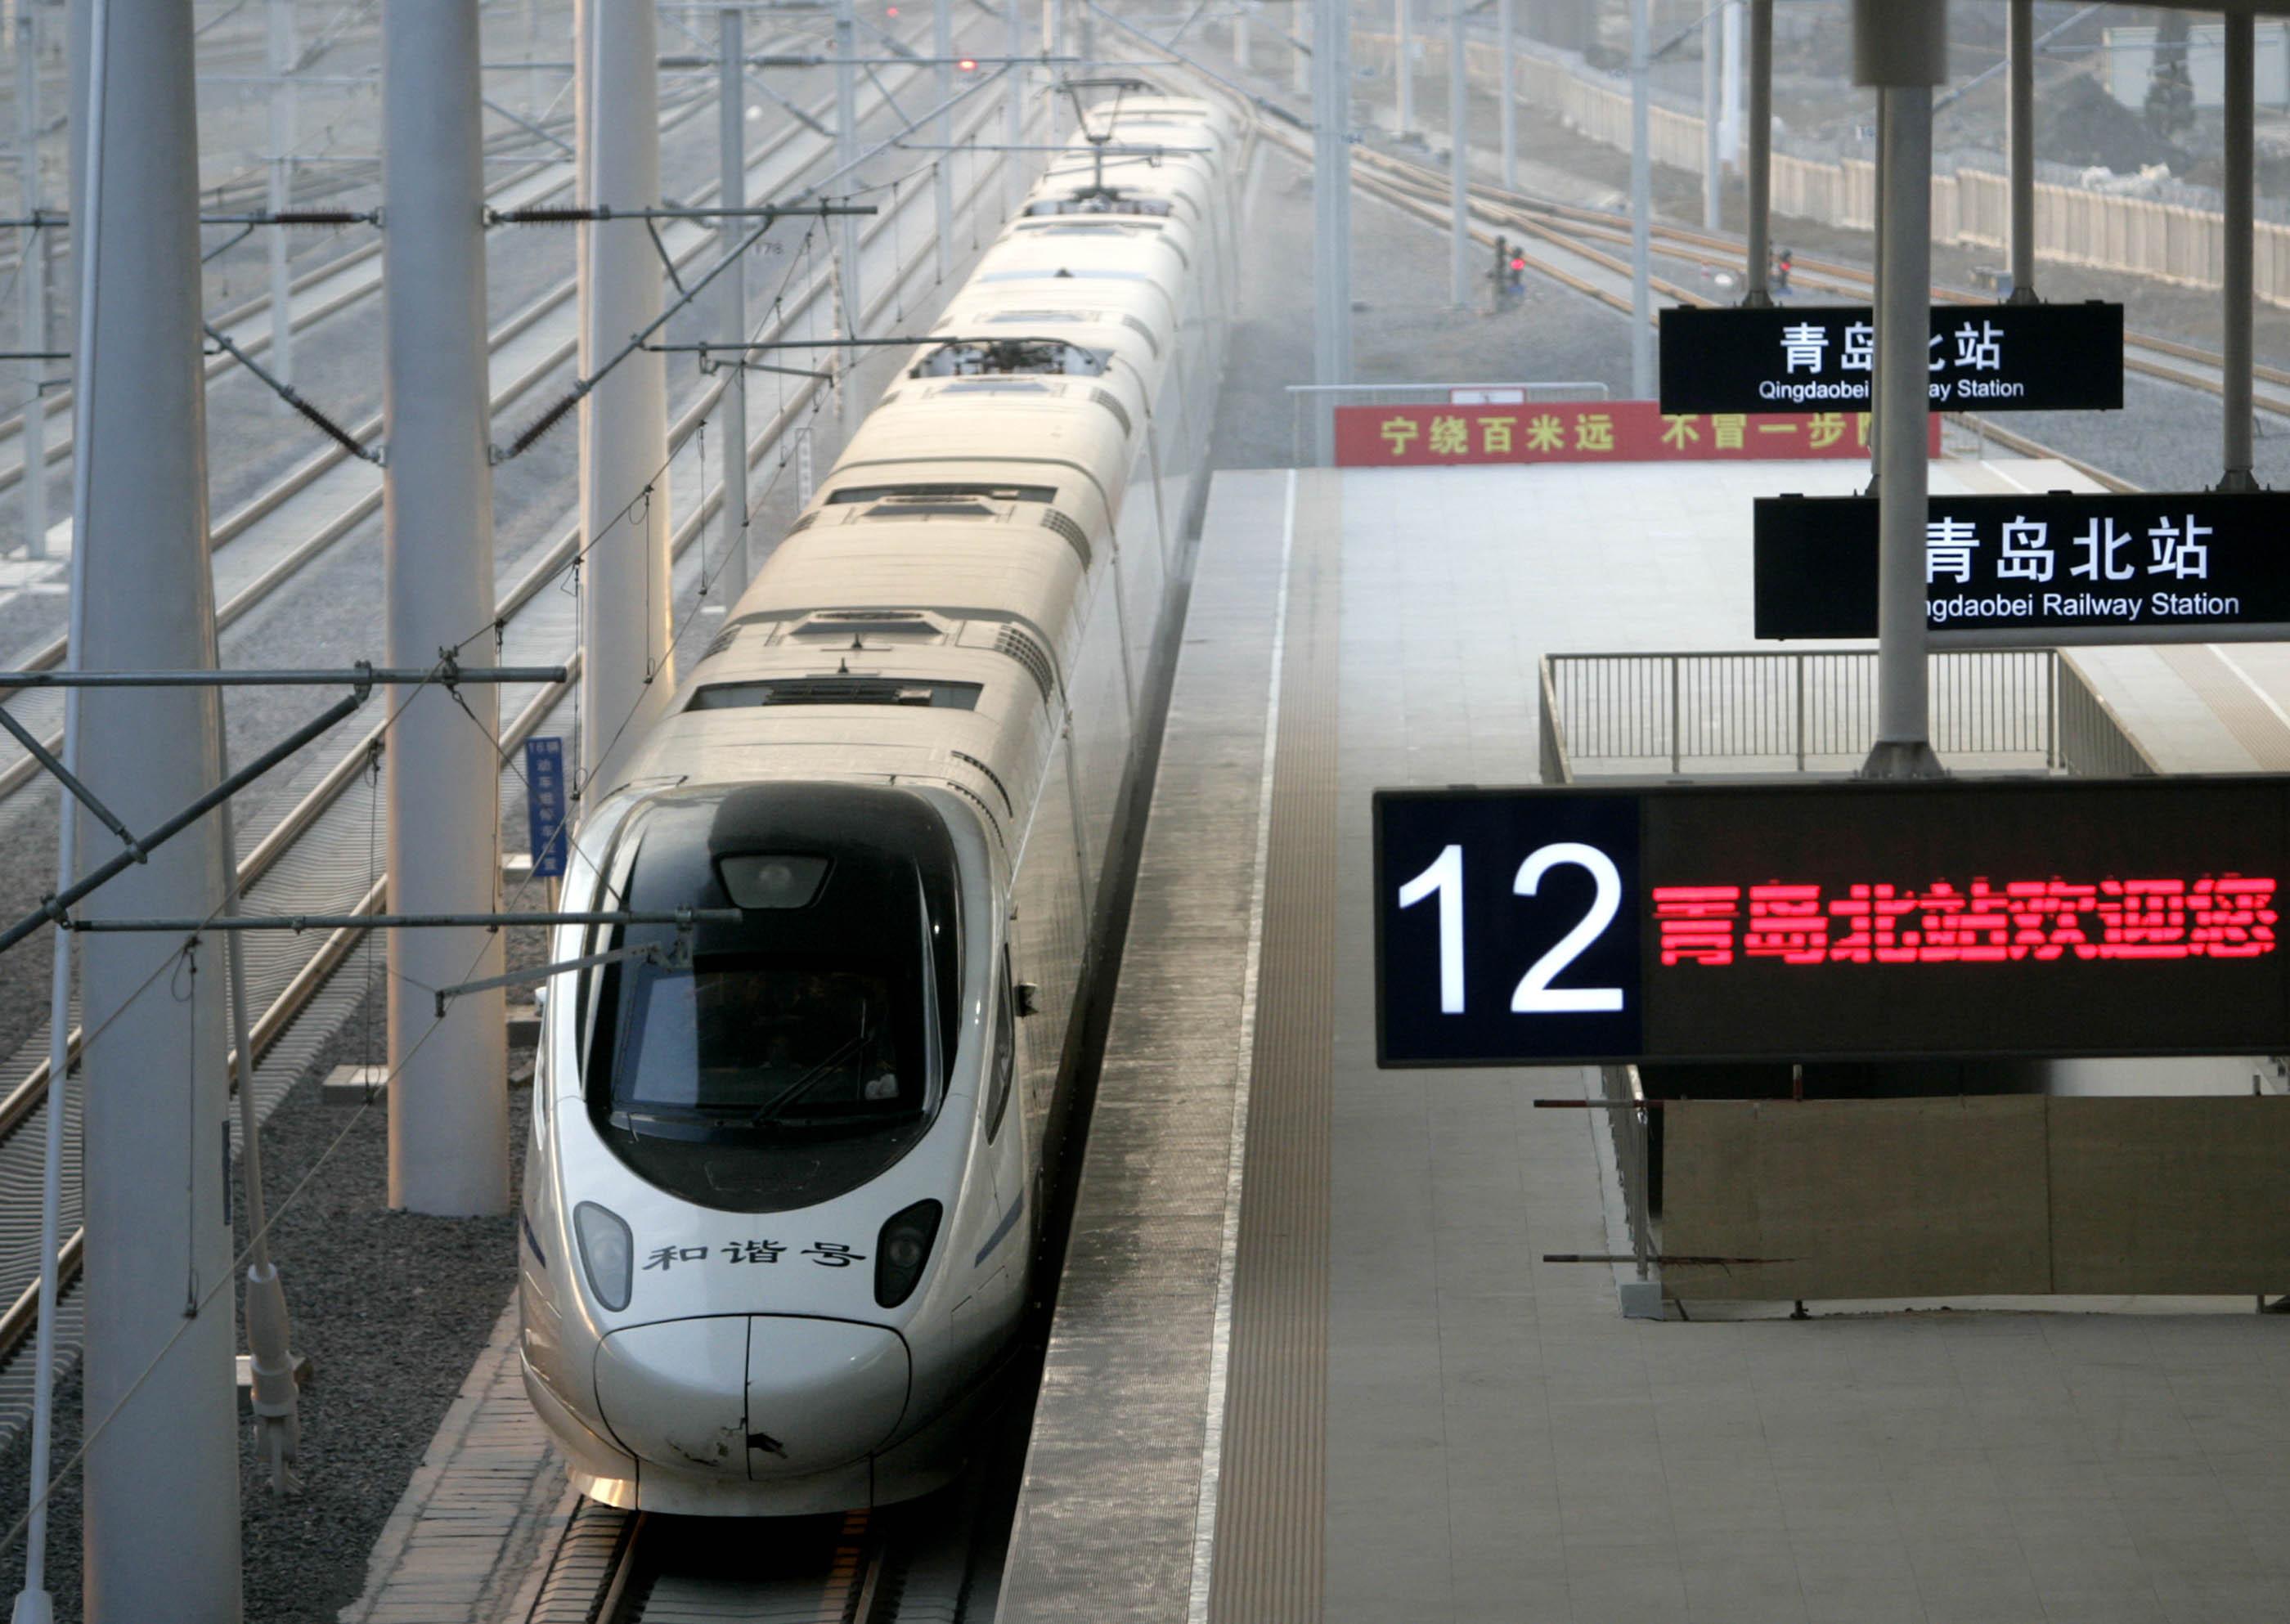 端午节北京增开至天津高铁